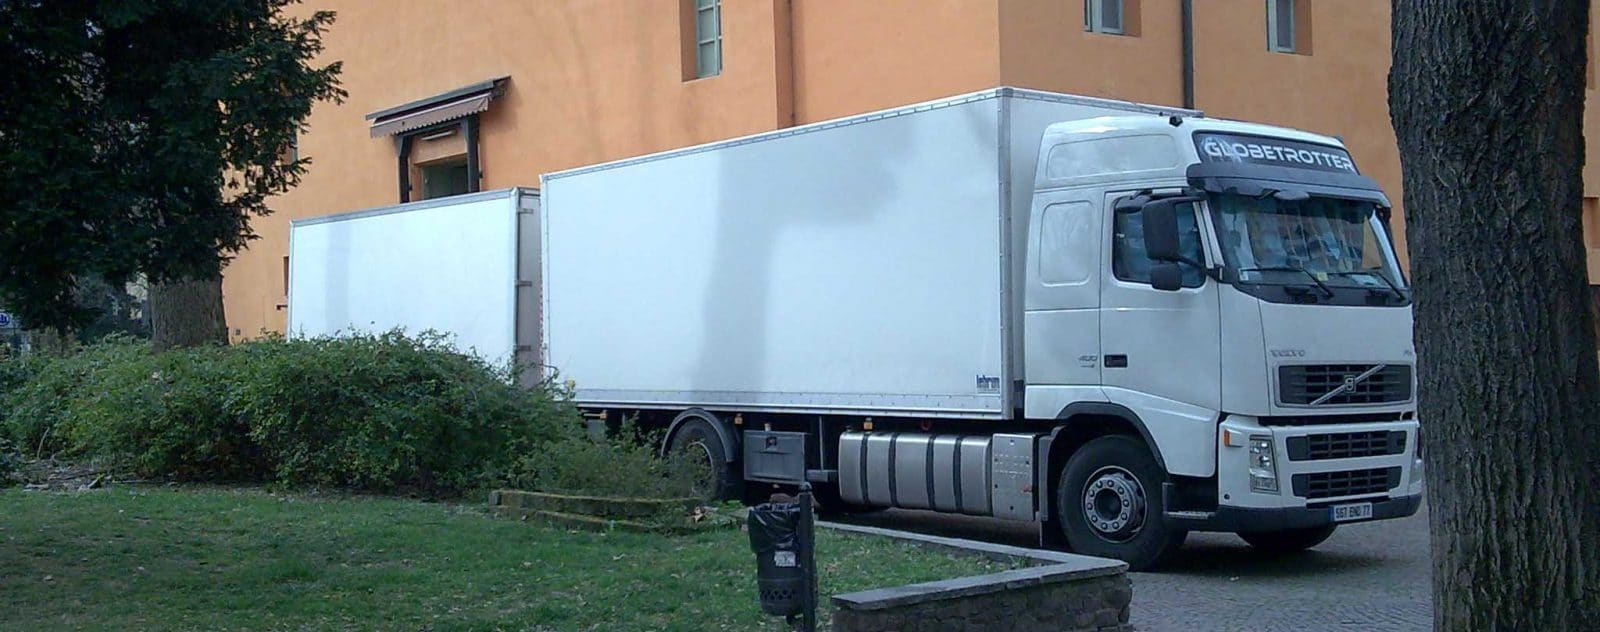 Camion-remorque devant un accès décors